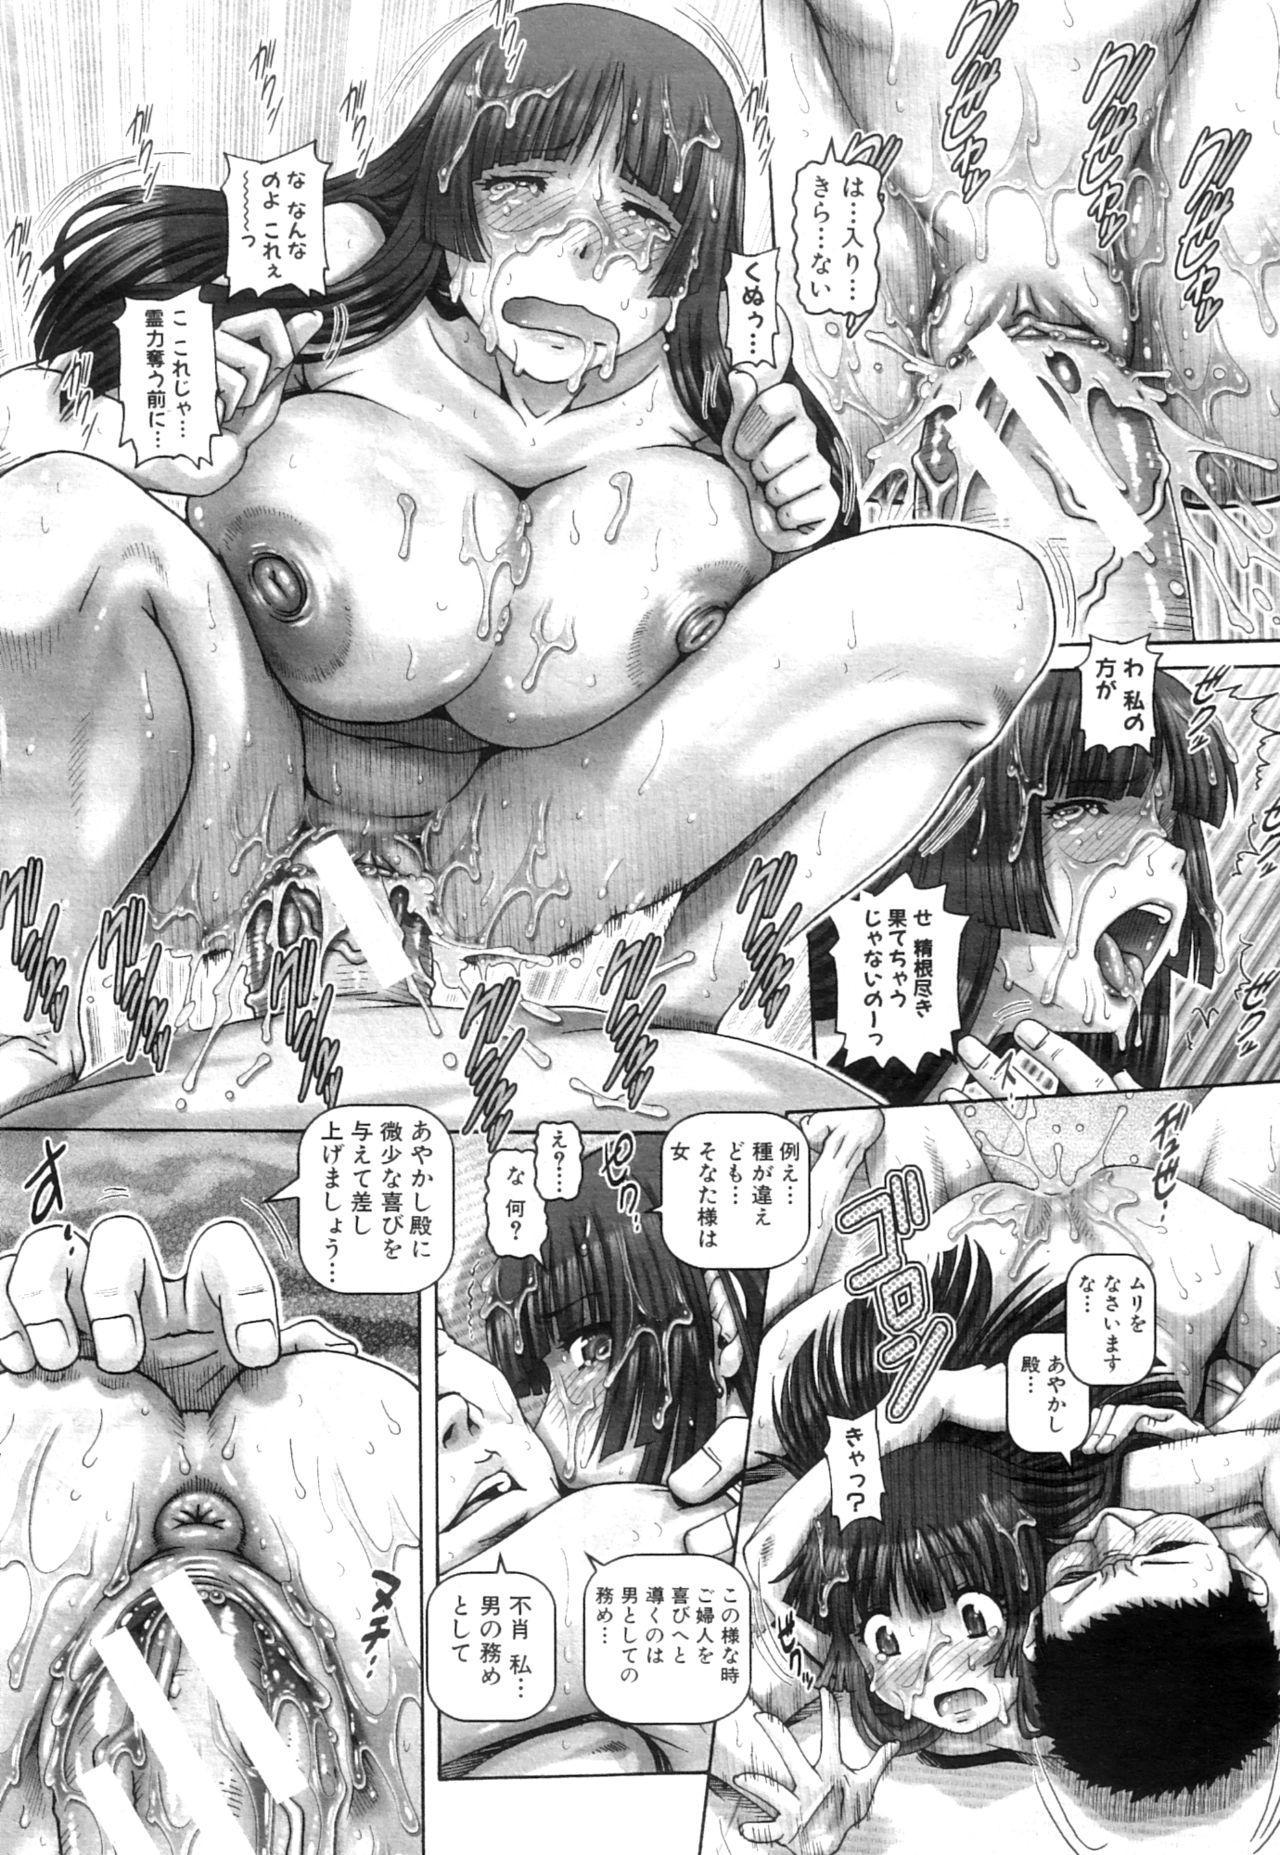 Ayakashiyakata no Tamahime 102